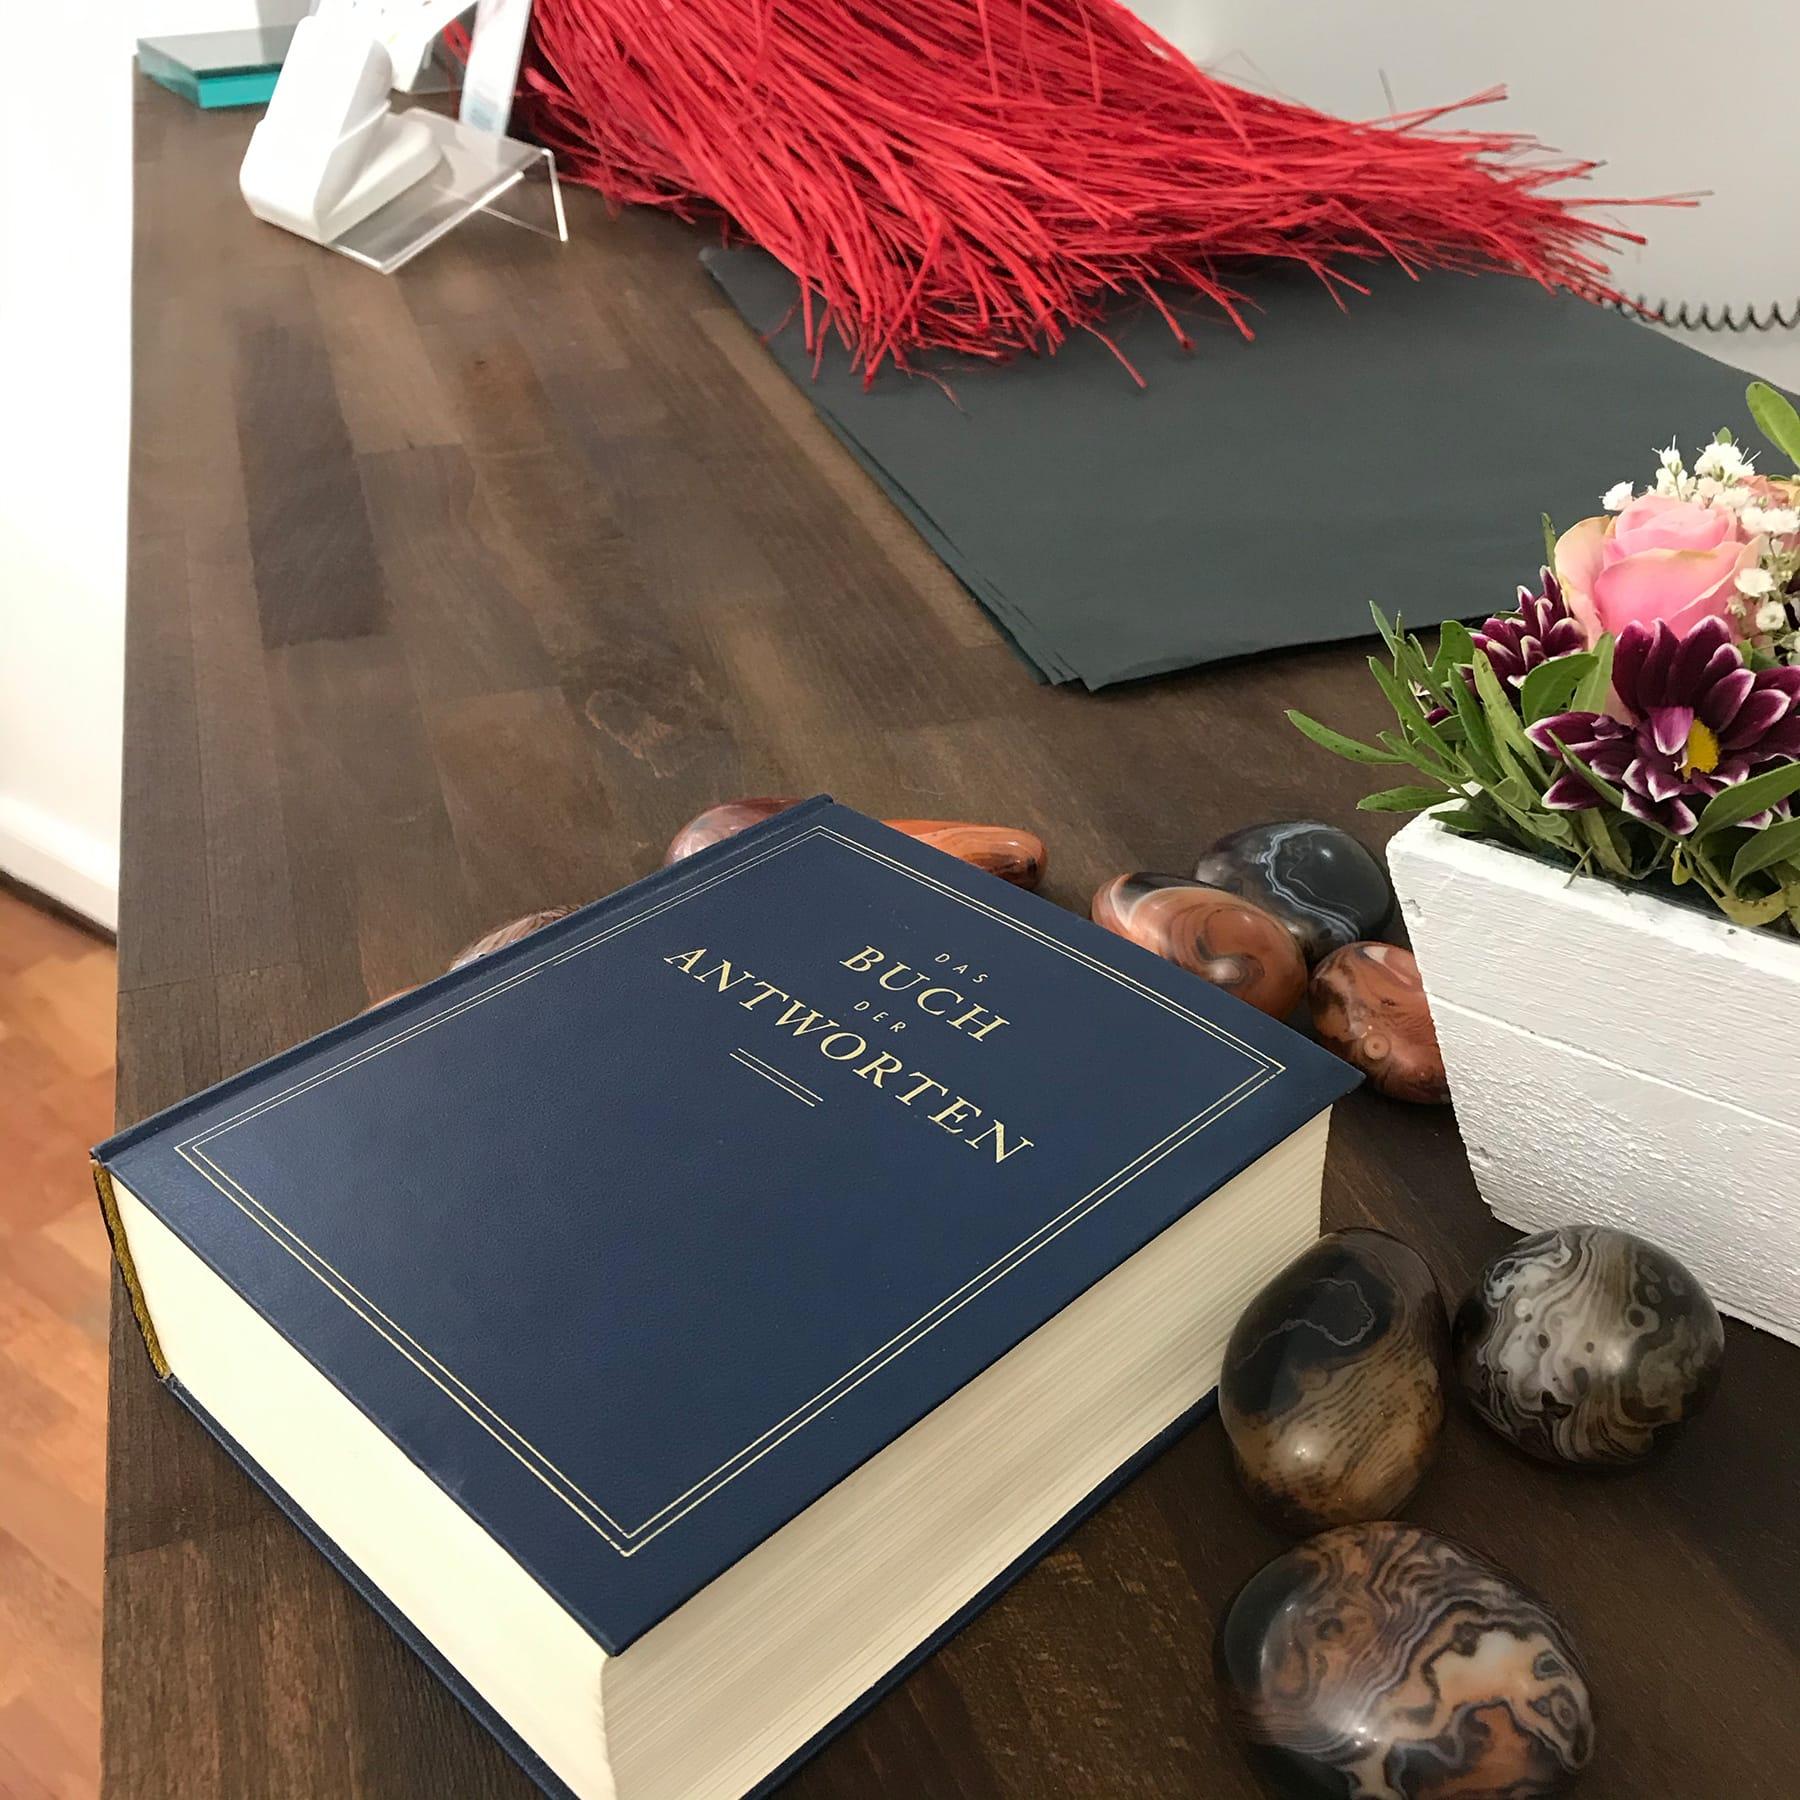 Das Buch der Antworten befragen …